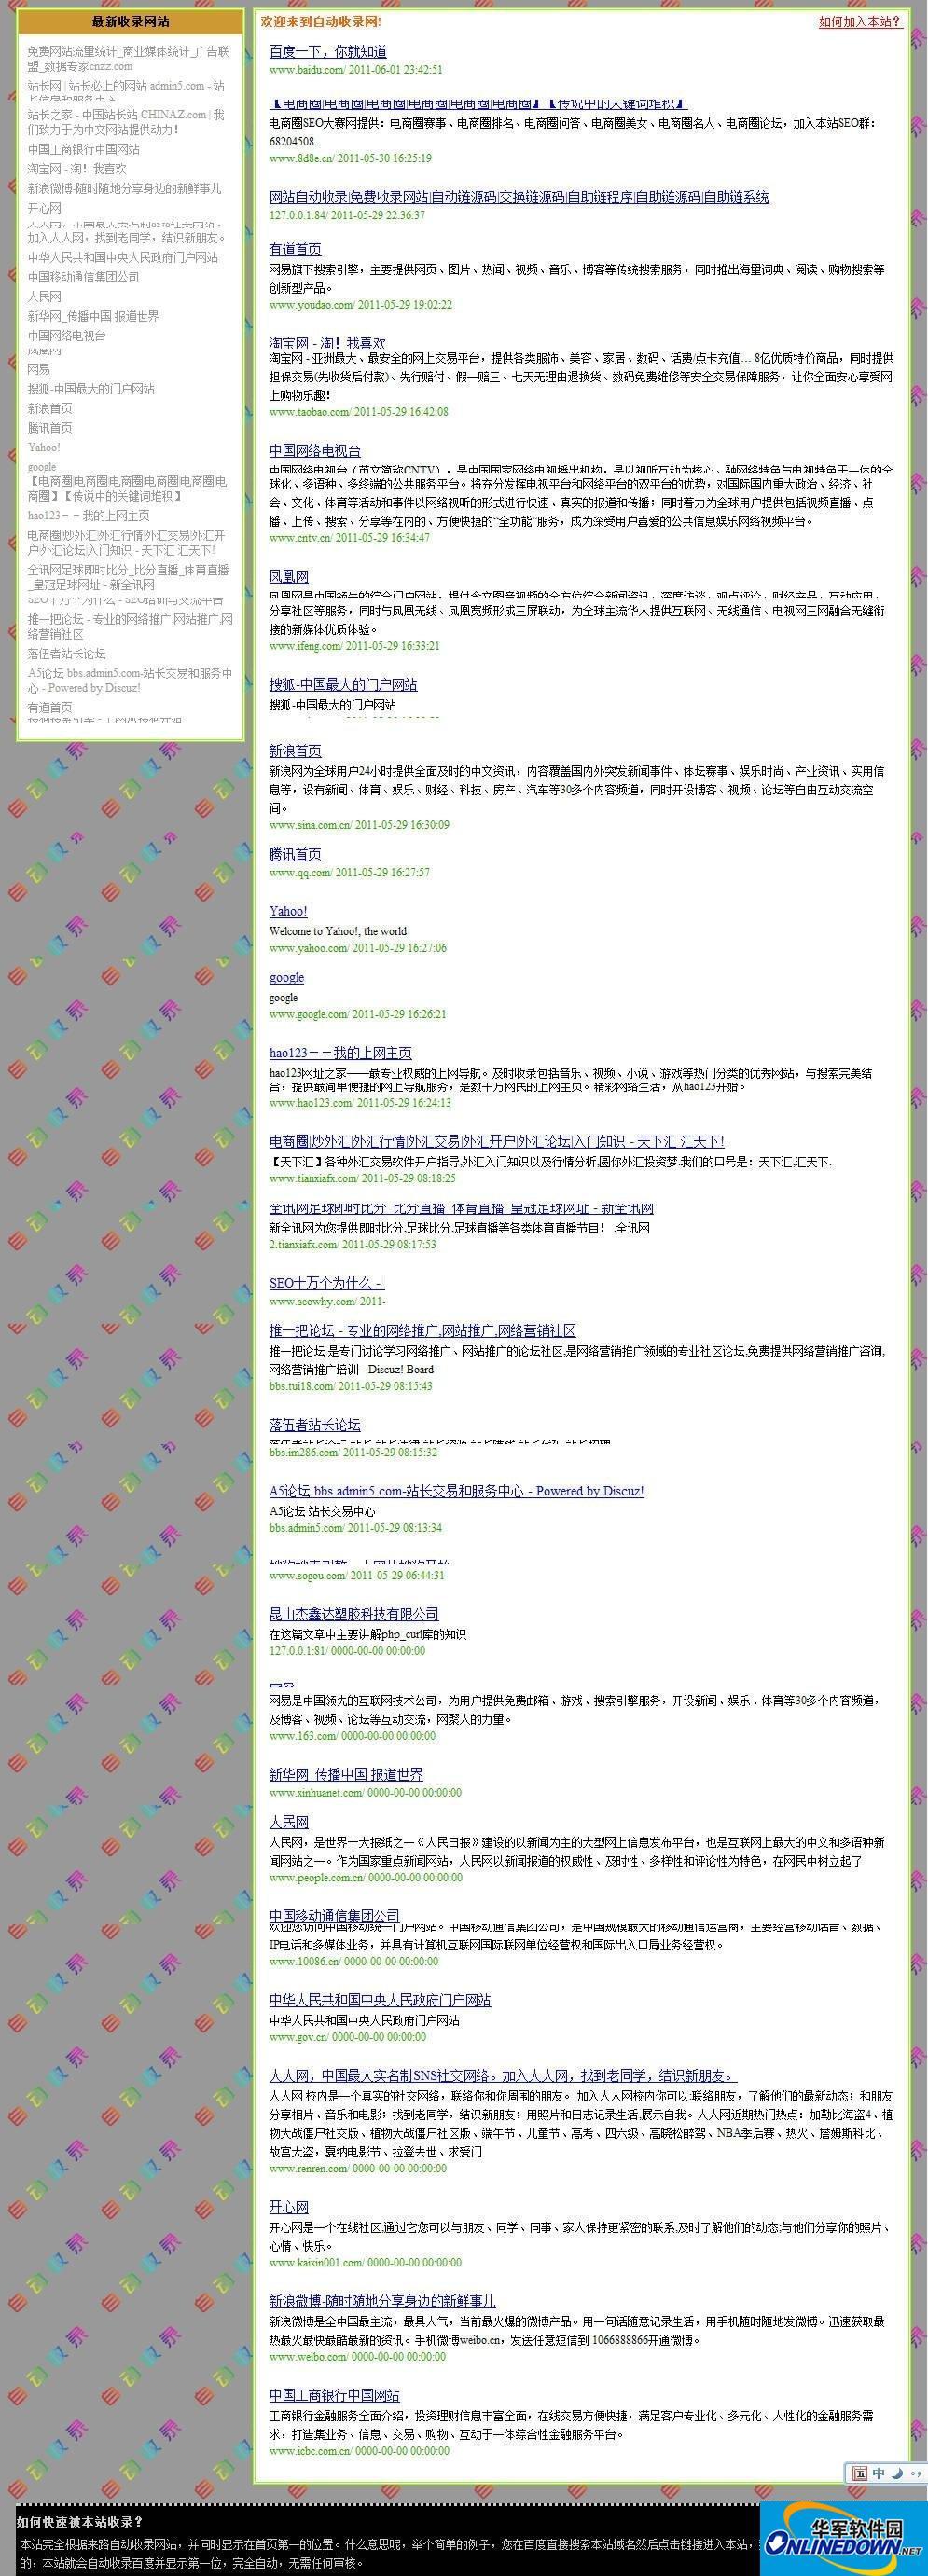 小刀网站自动收录源码